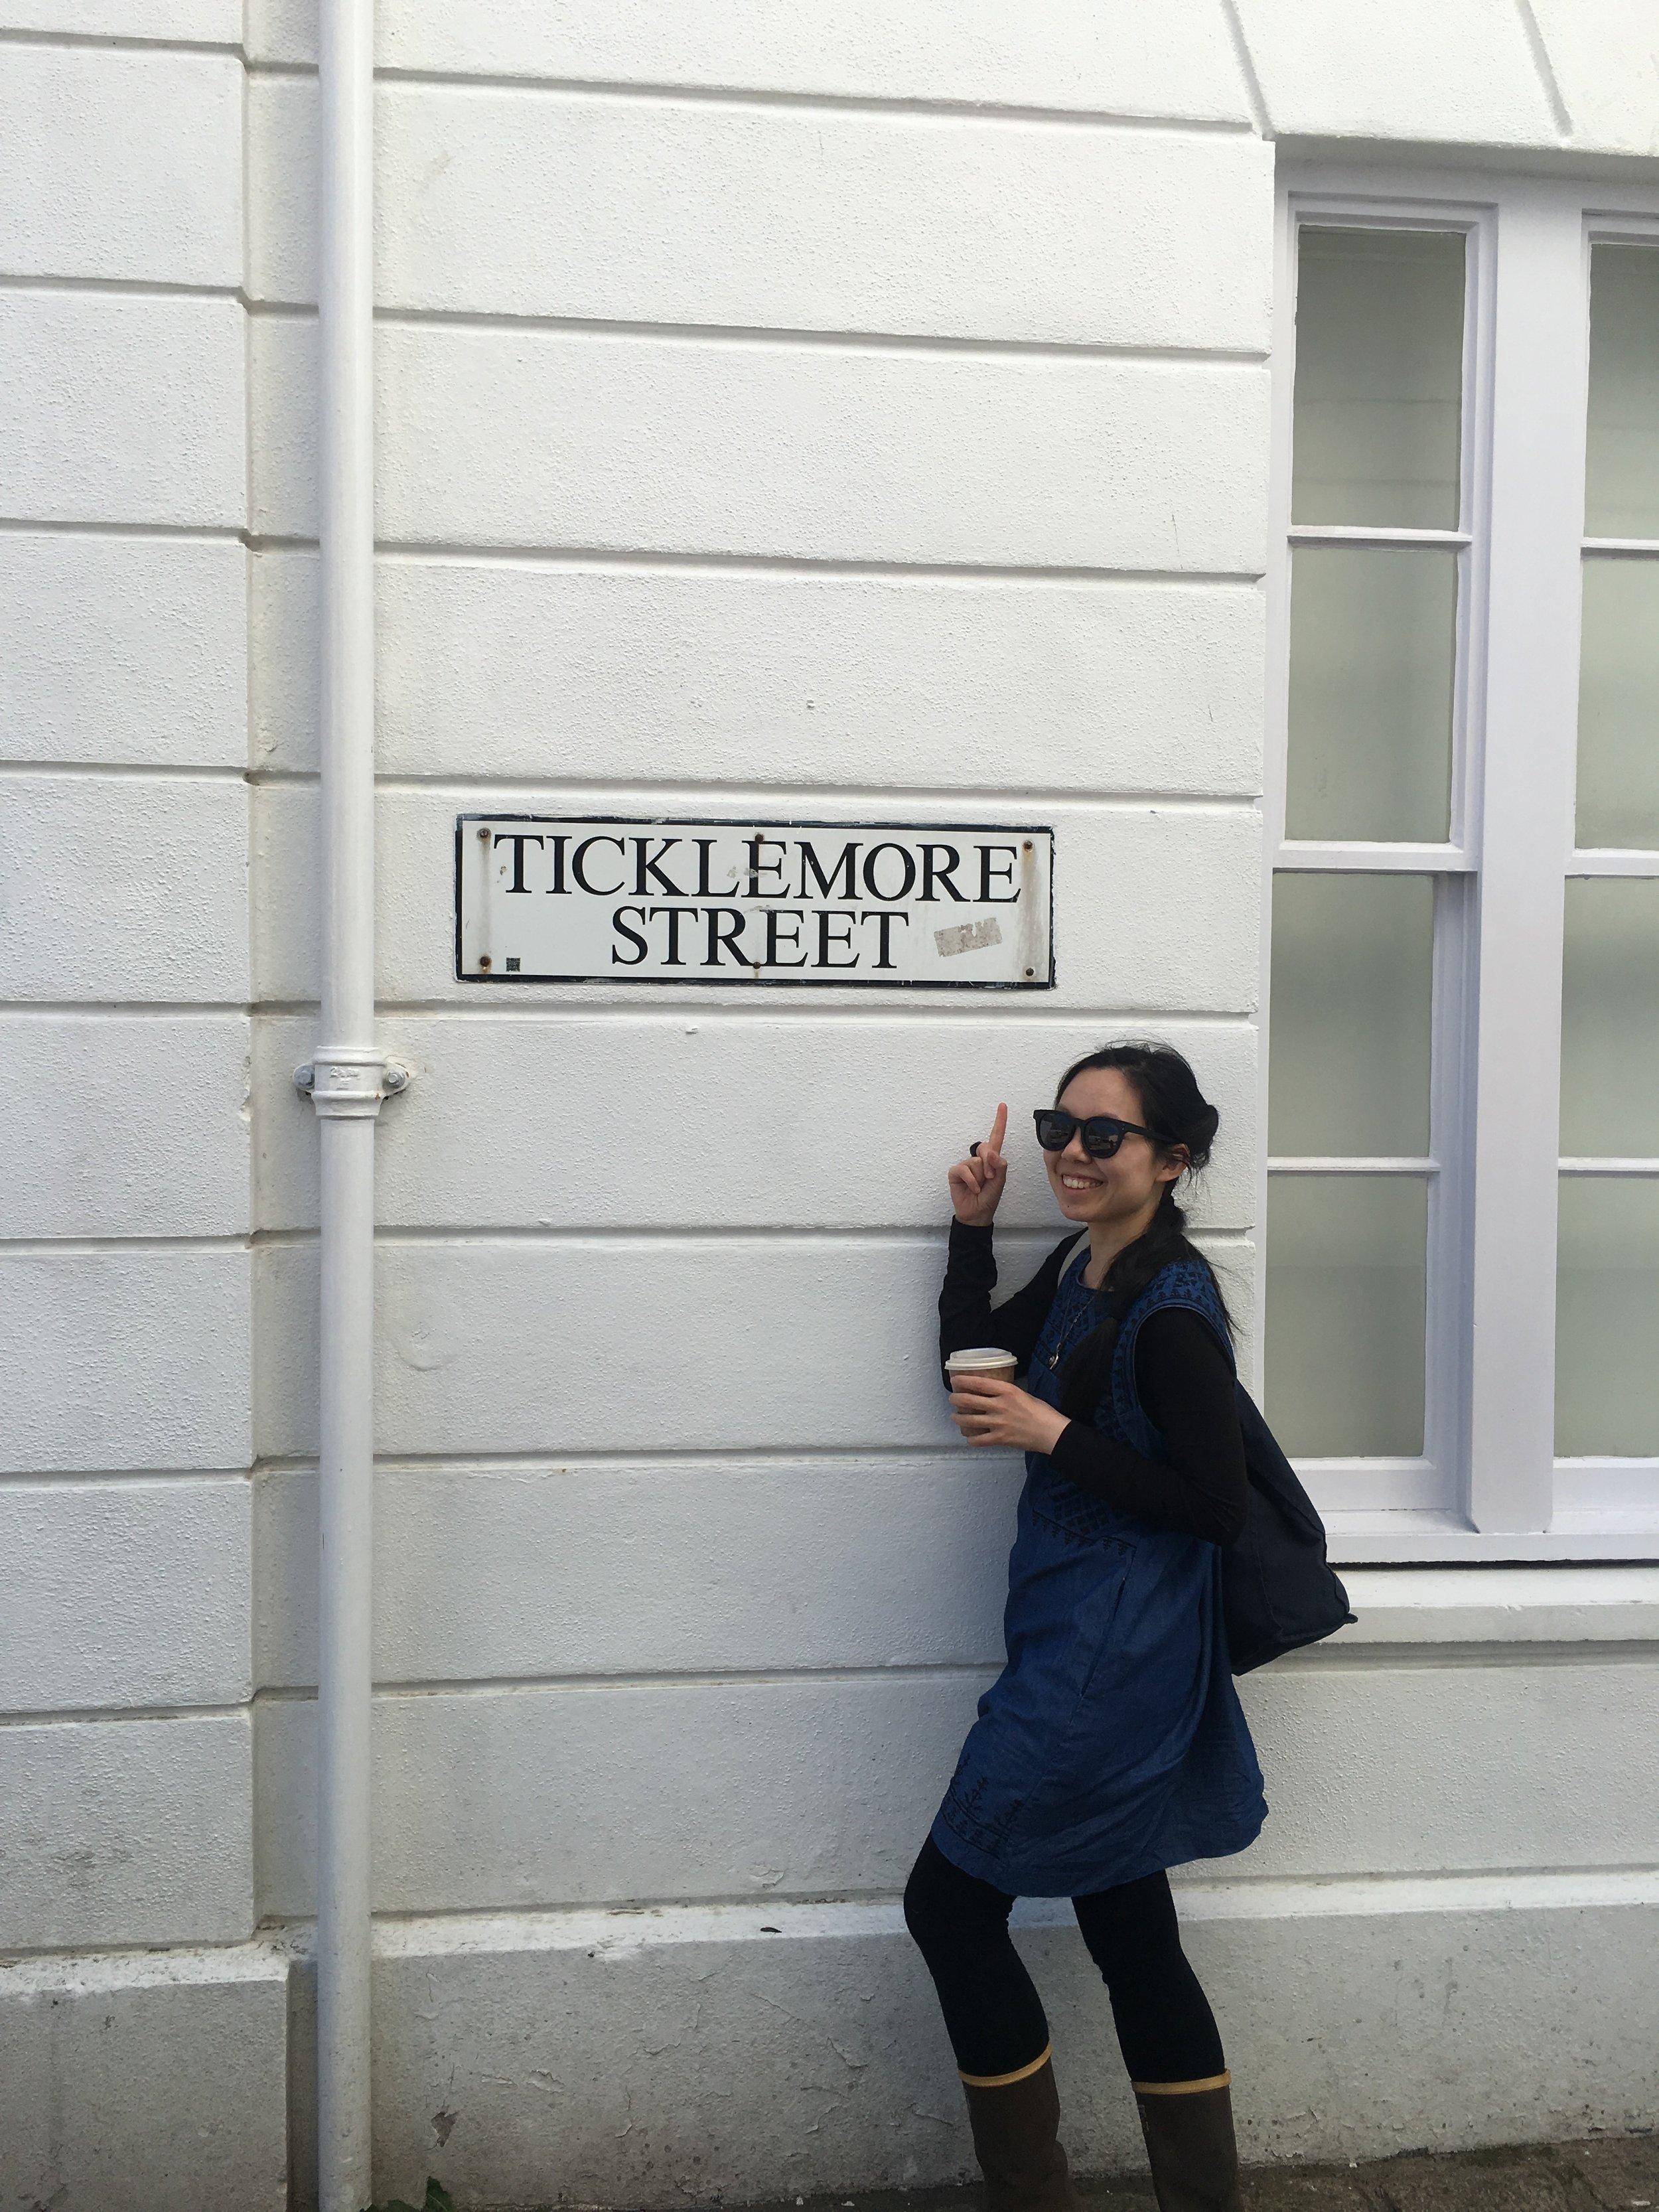 Jamie Png - Ticklemore Photo.JPG